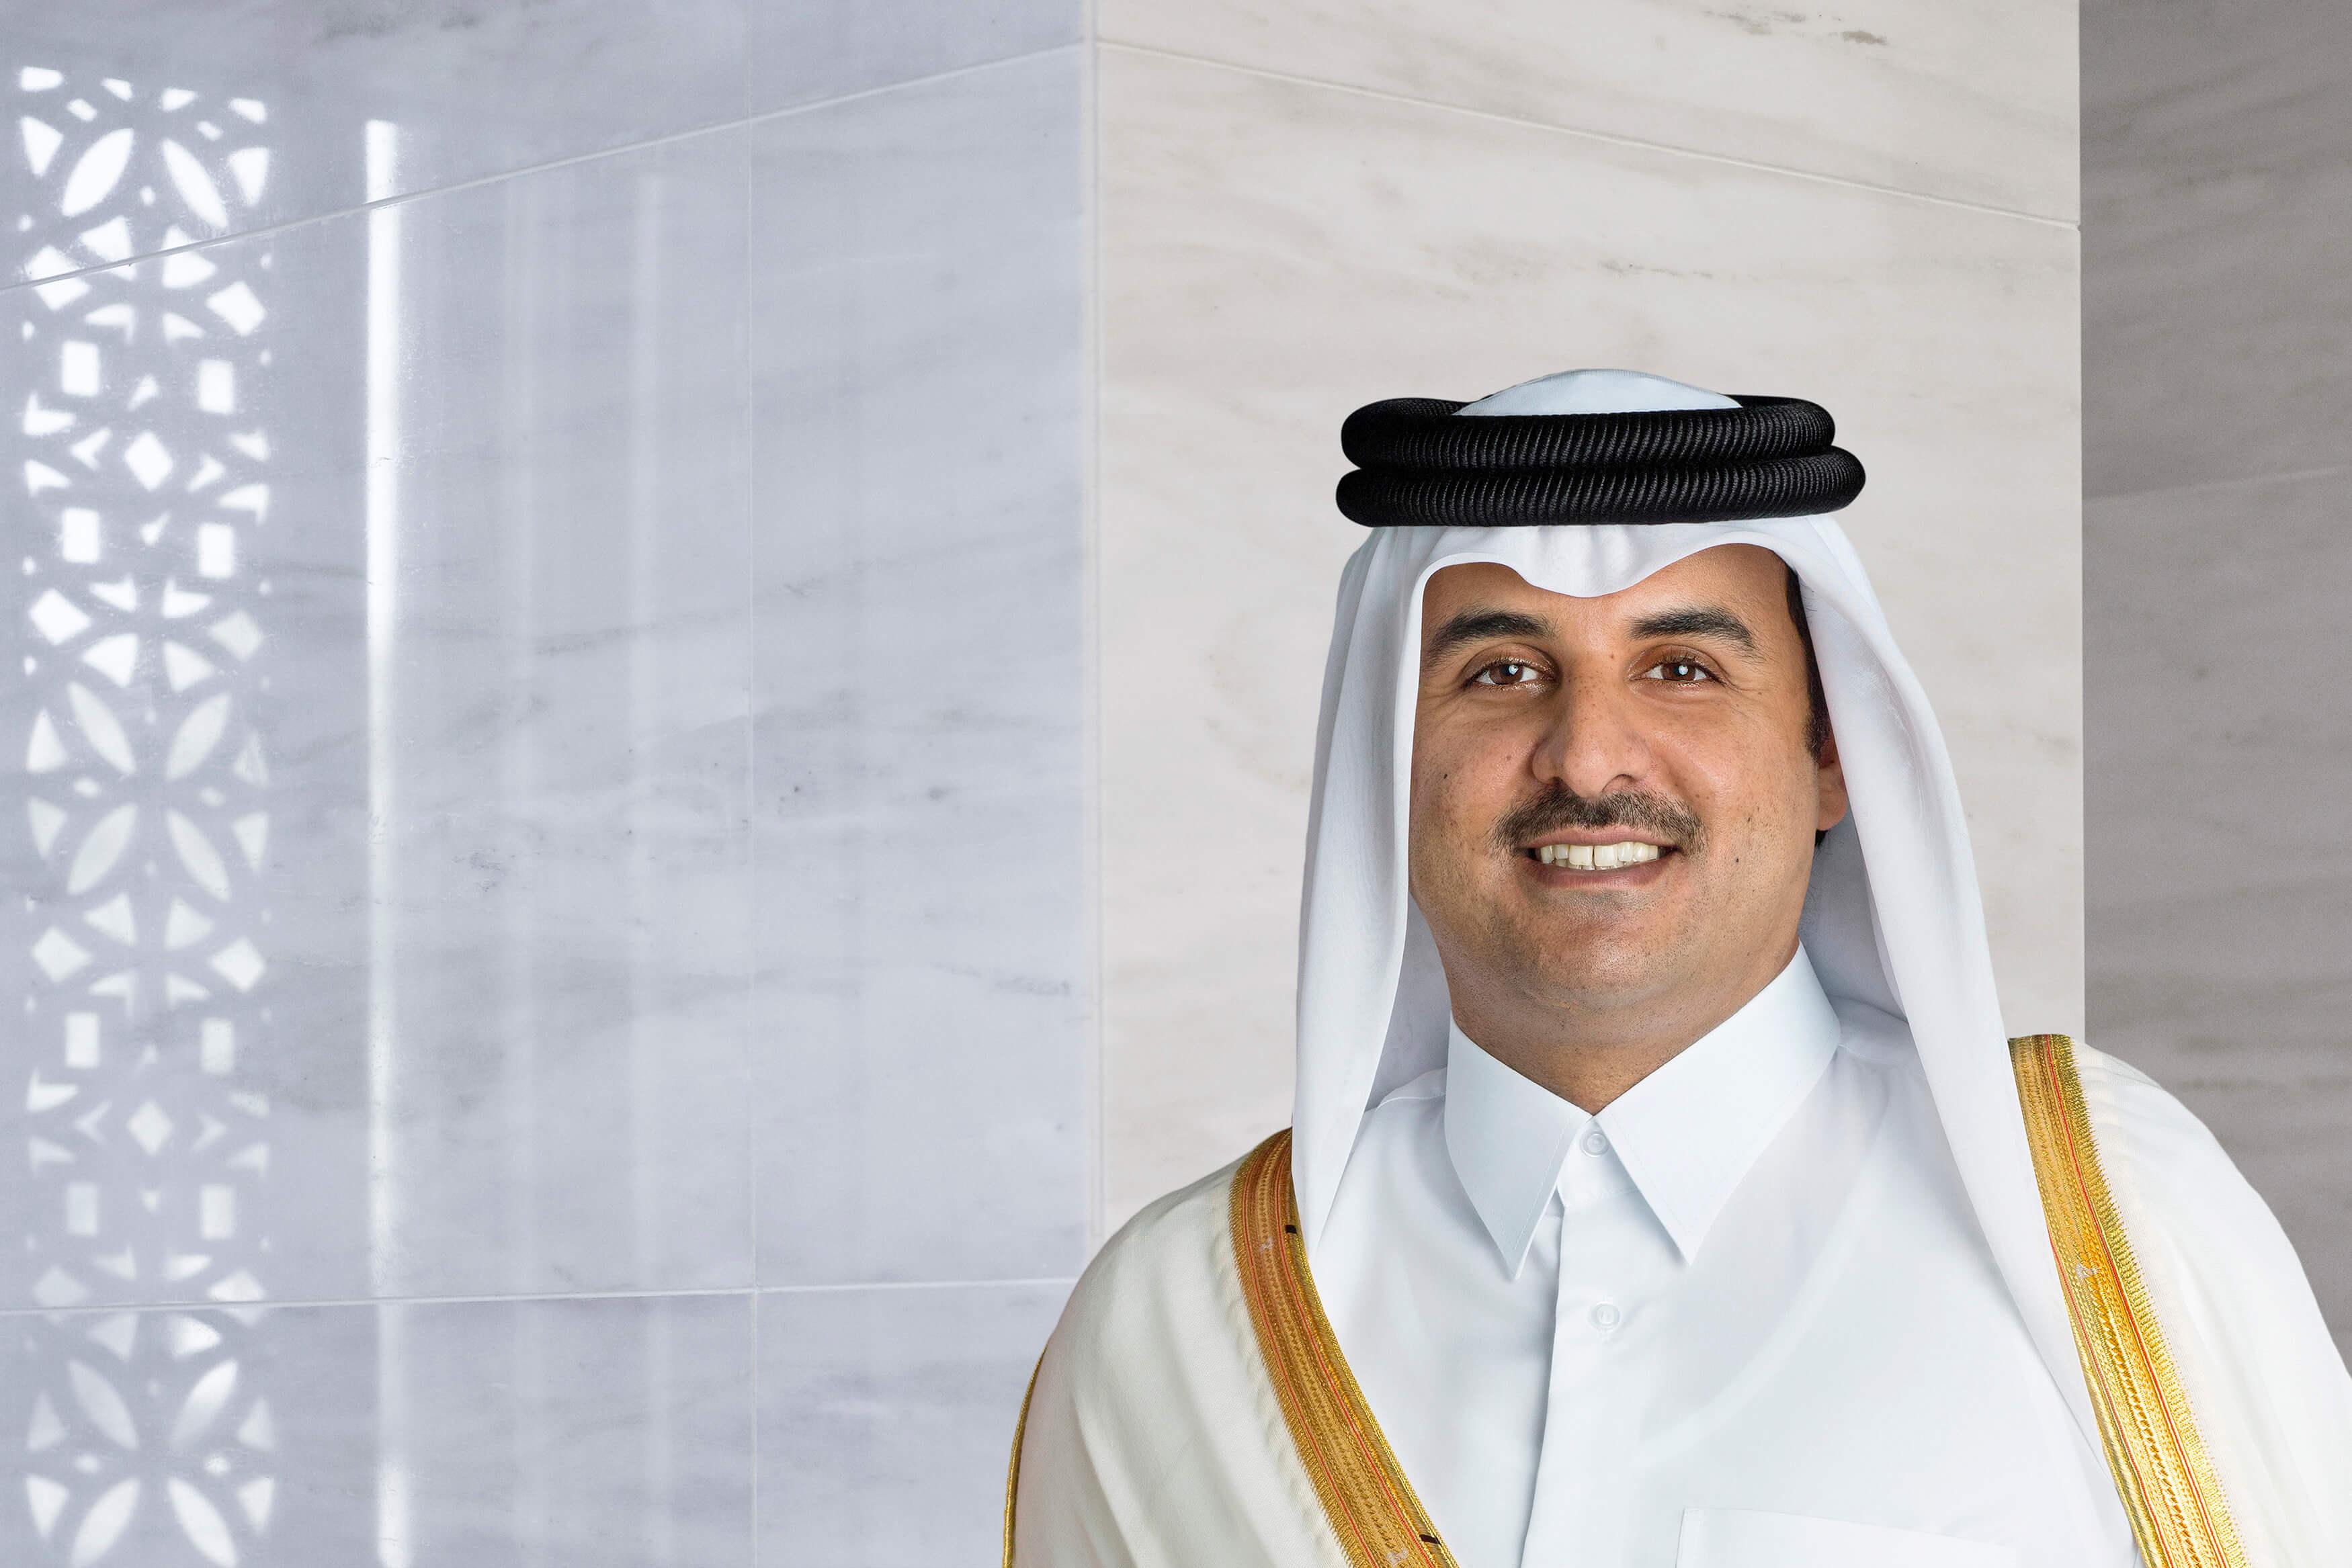 صورة قطر تواصل دعم غزة.. الأمير تميم يوجّه بتقديم 150 مليون دولار لمواجهة كورونا في القطاع المحاصر